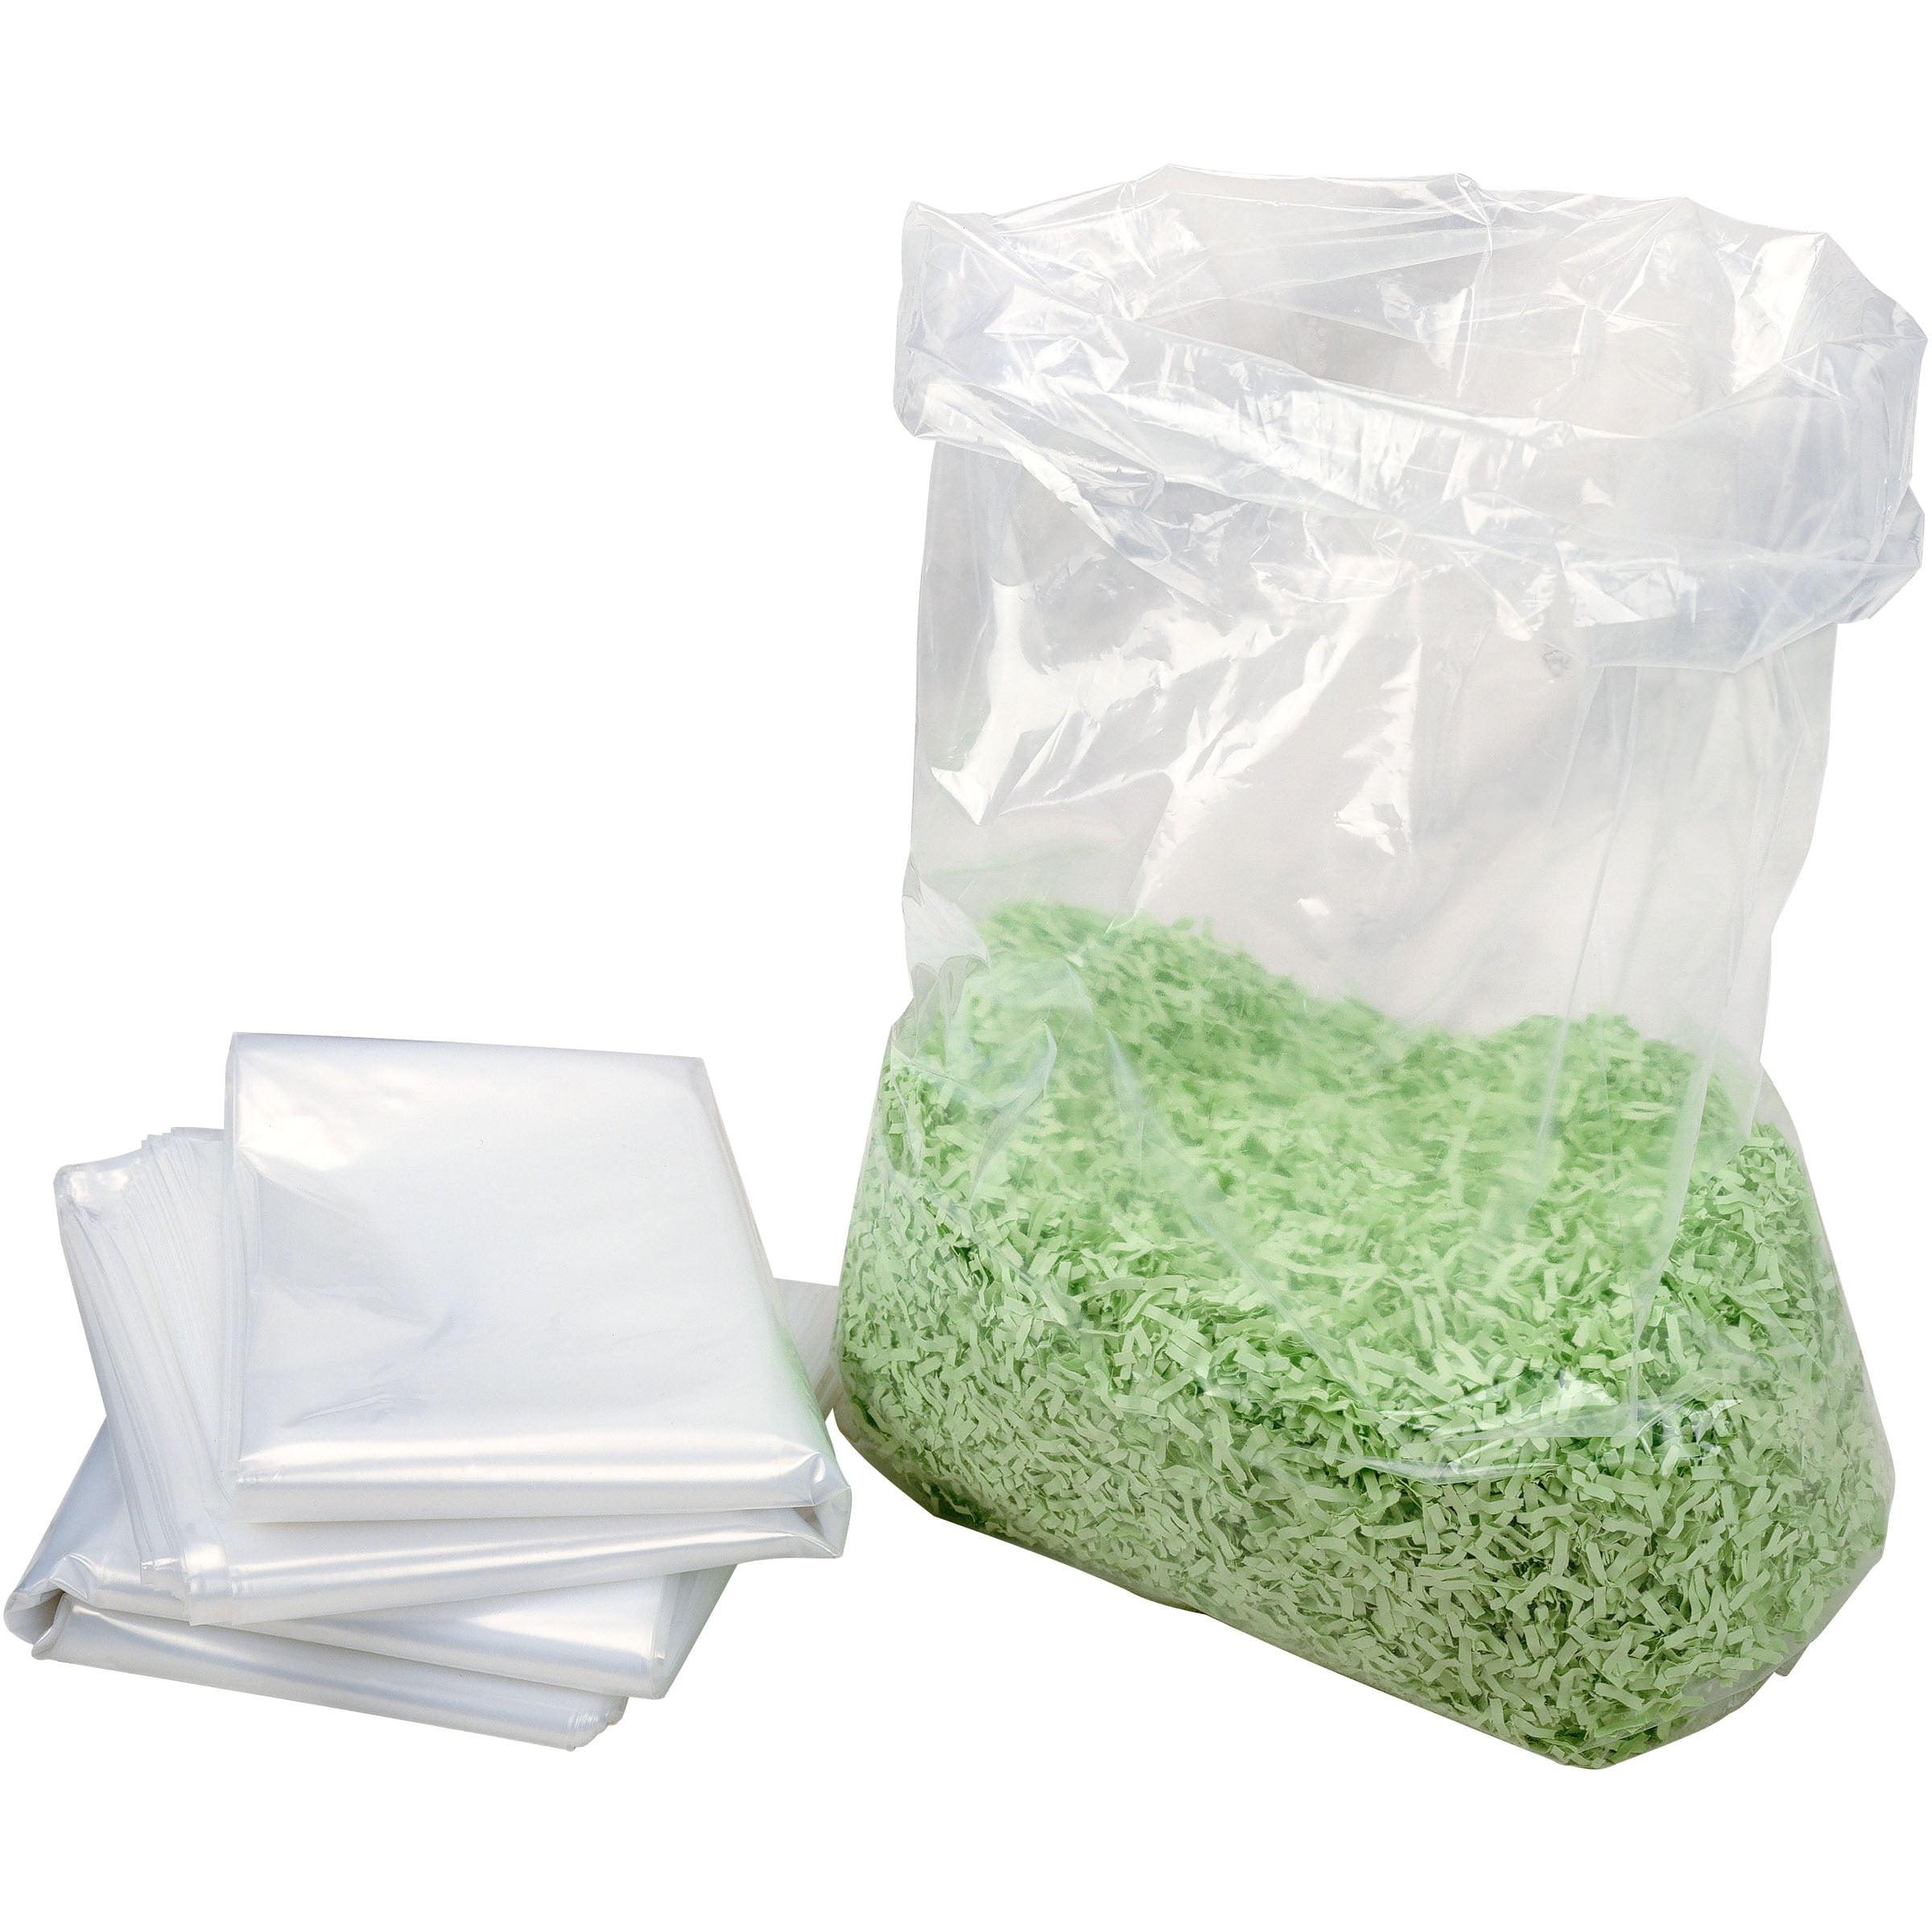 HSM, HSM1815, 34-gallon Shredder Bags, 100 / Roll, Clear, 34 gal